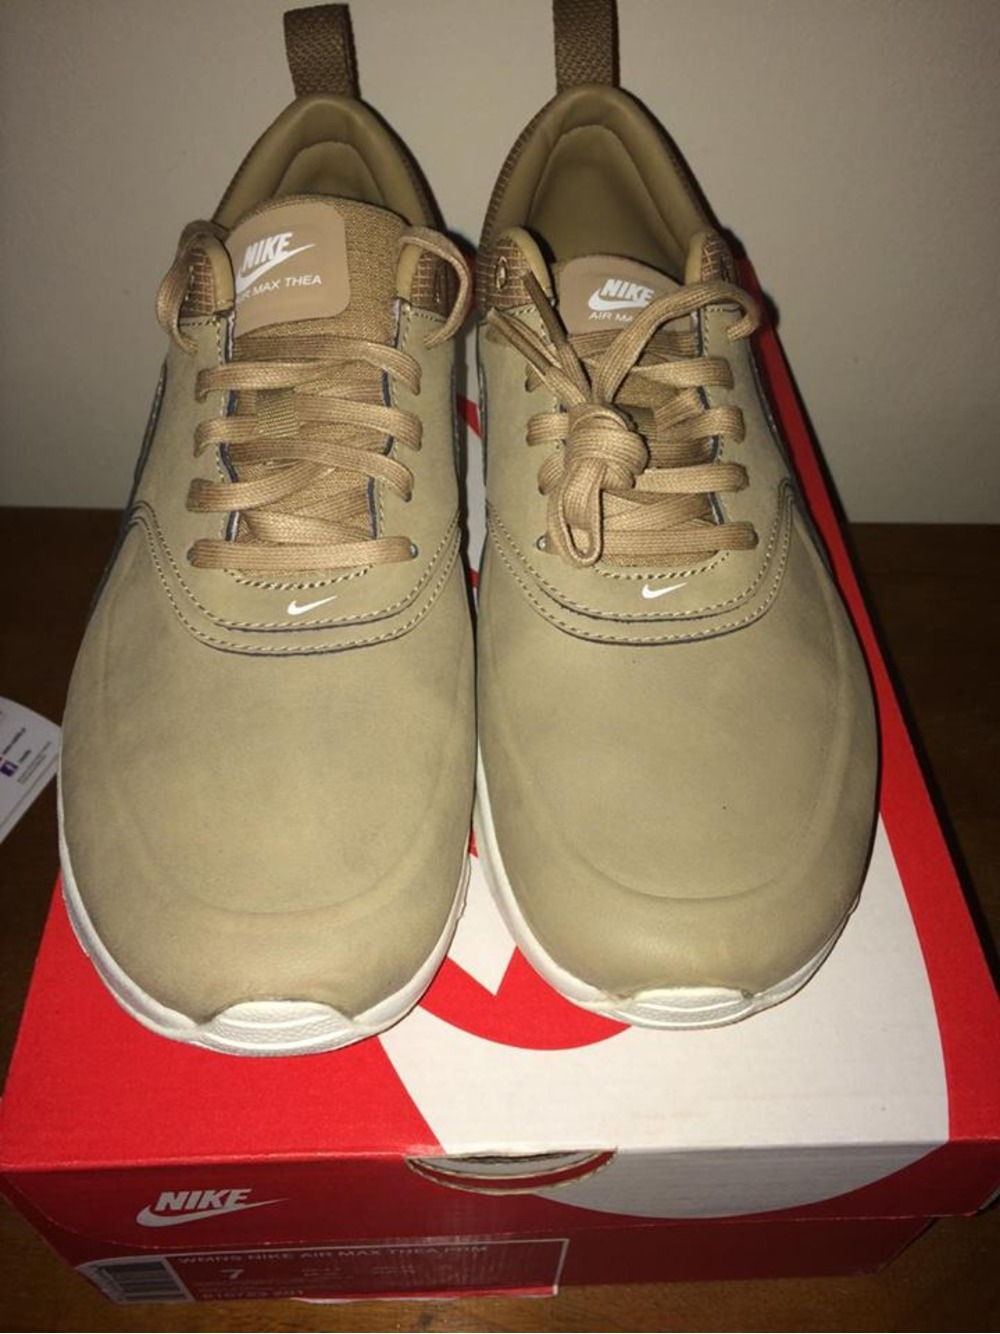 Nike Air Max Thea 38 4d660661391